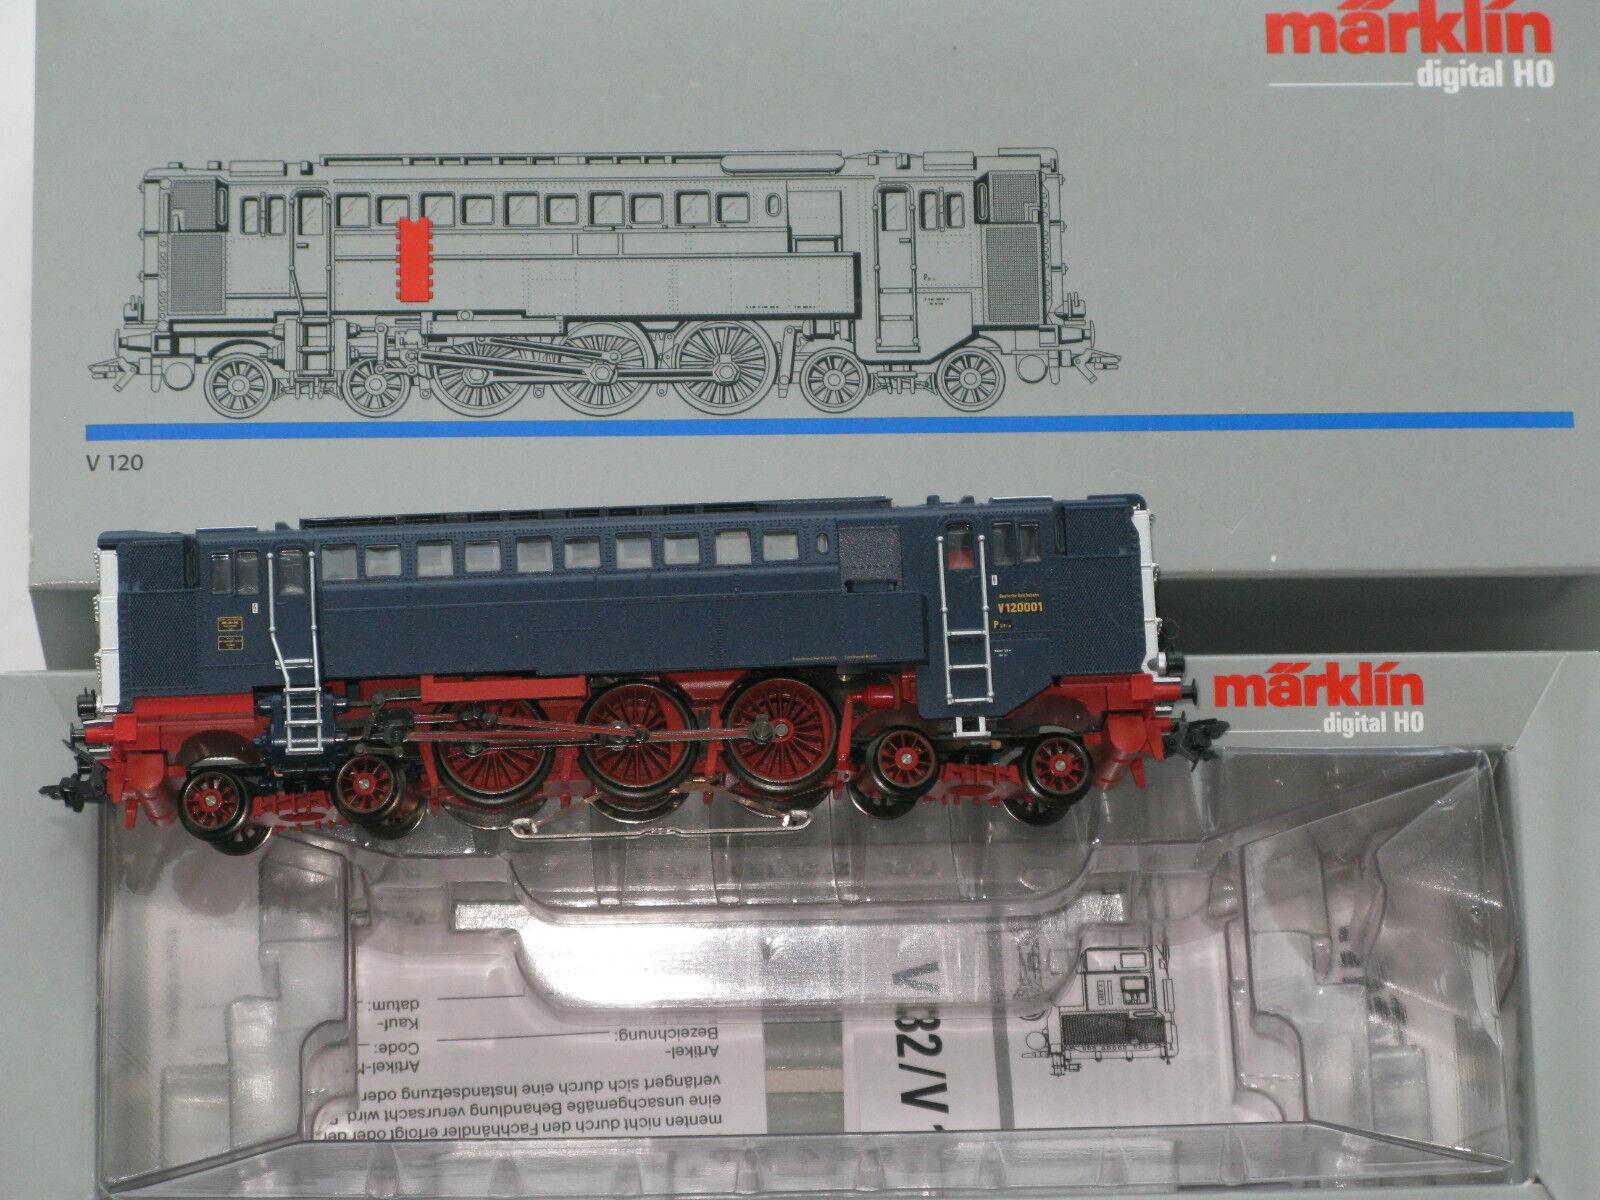 v120 da 37203  antenati della Diesel-trazione  DRG v120001-DIGITALE -